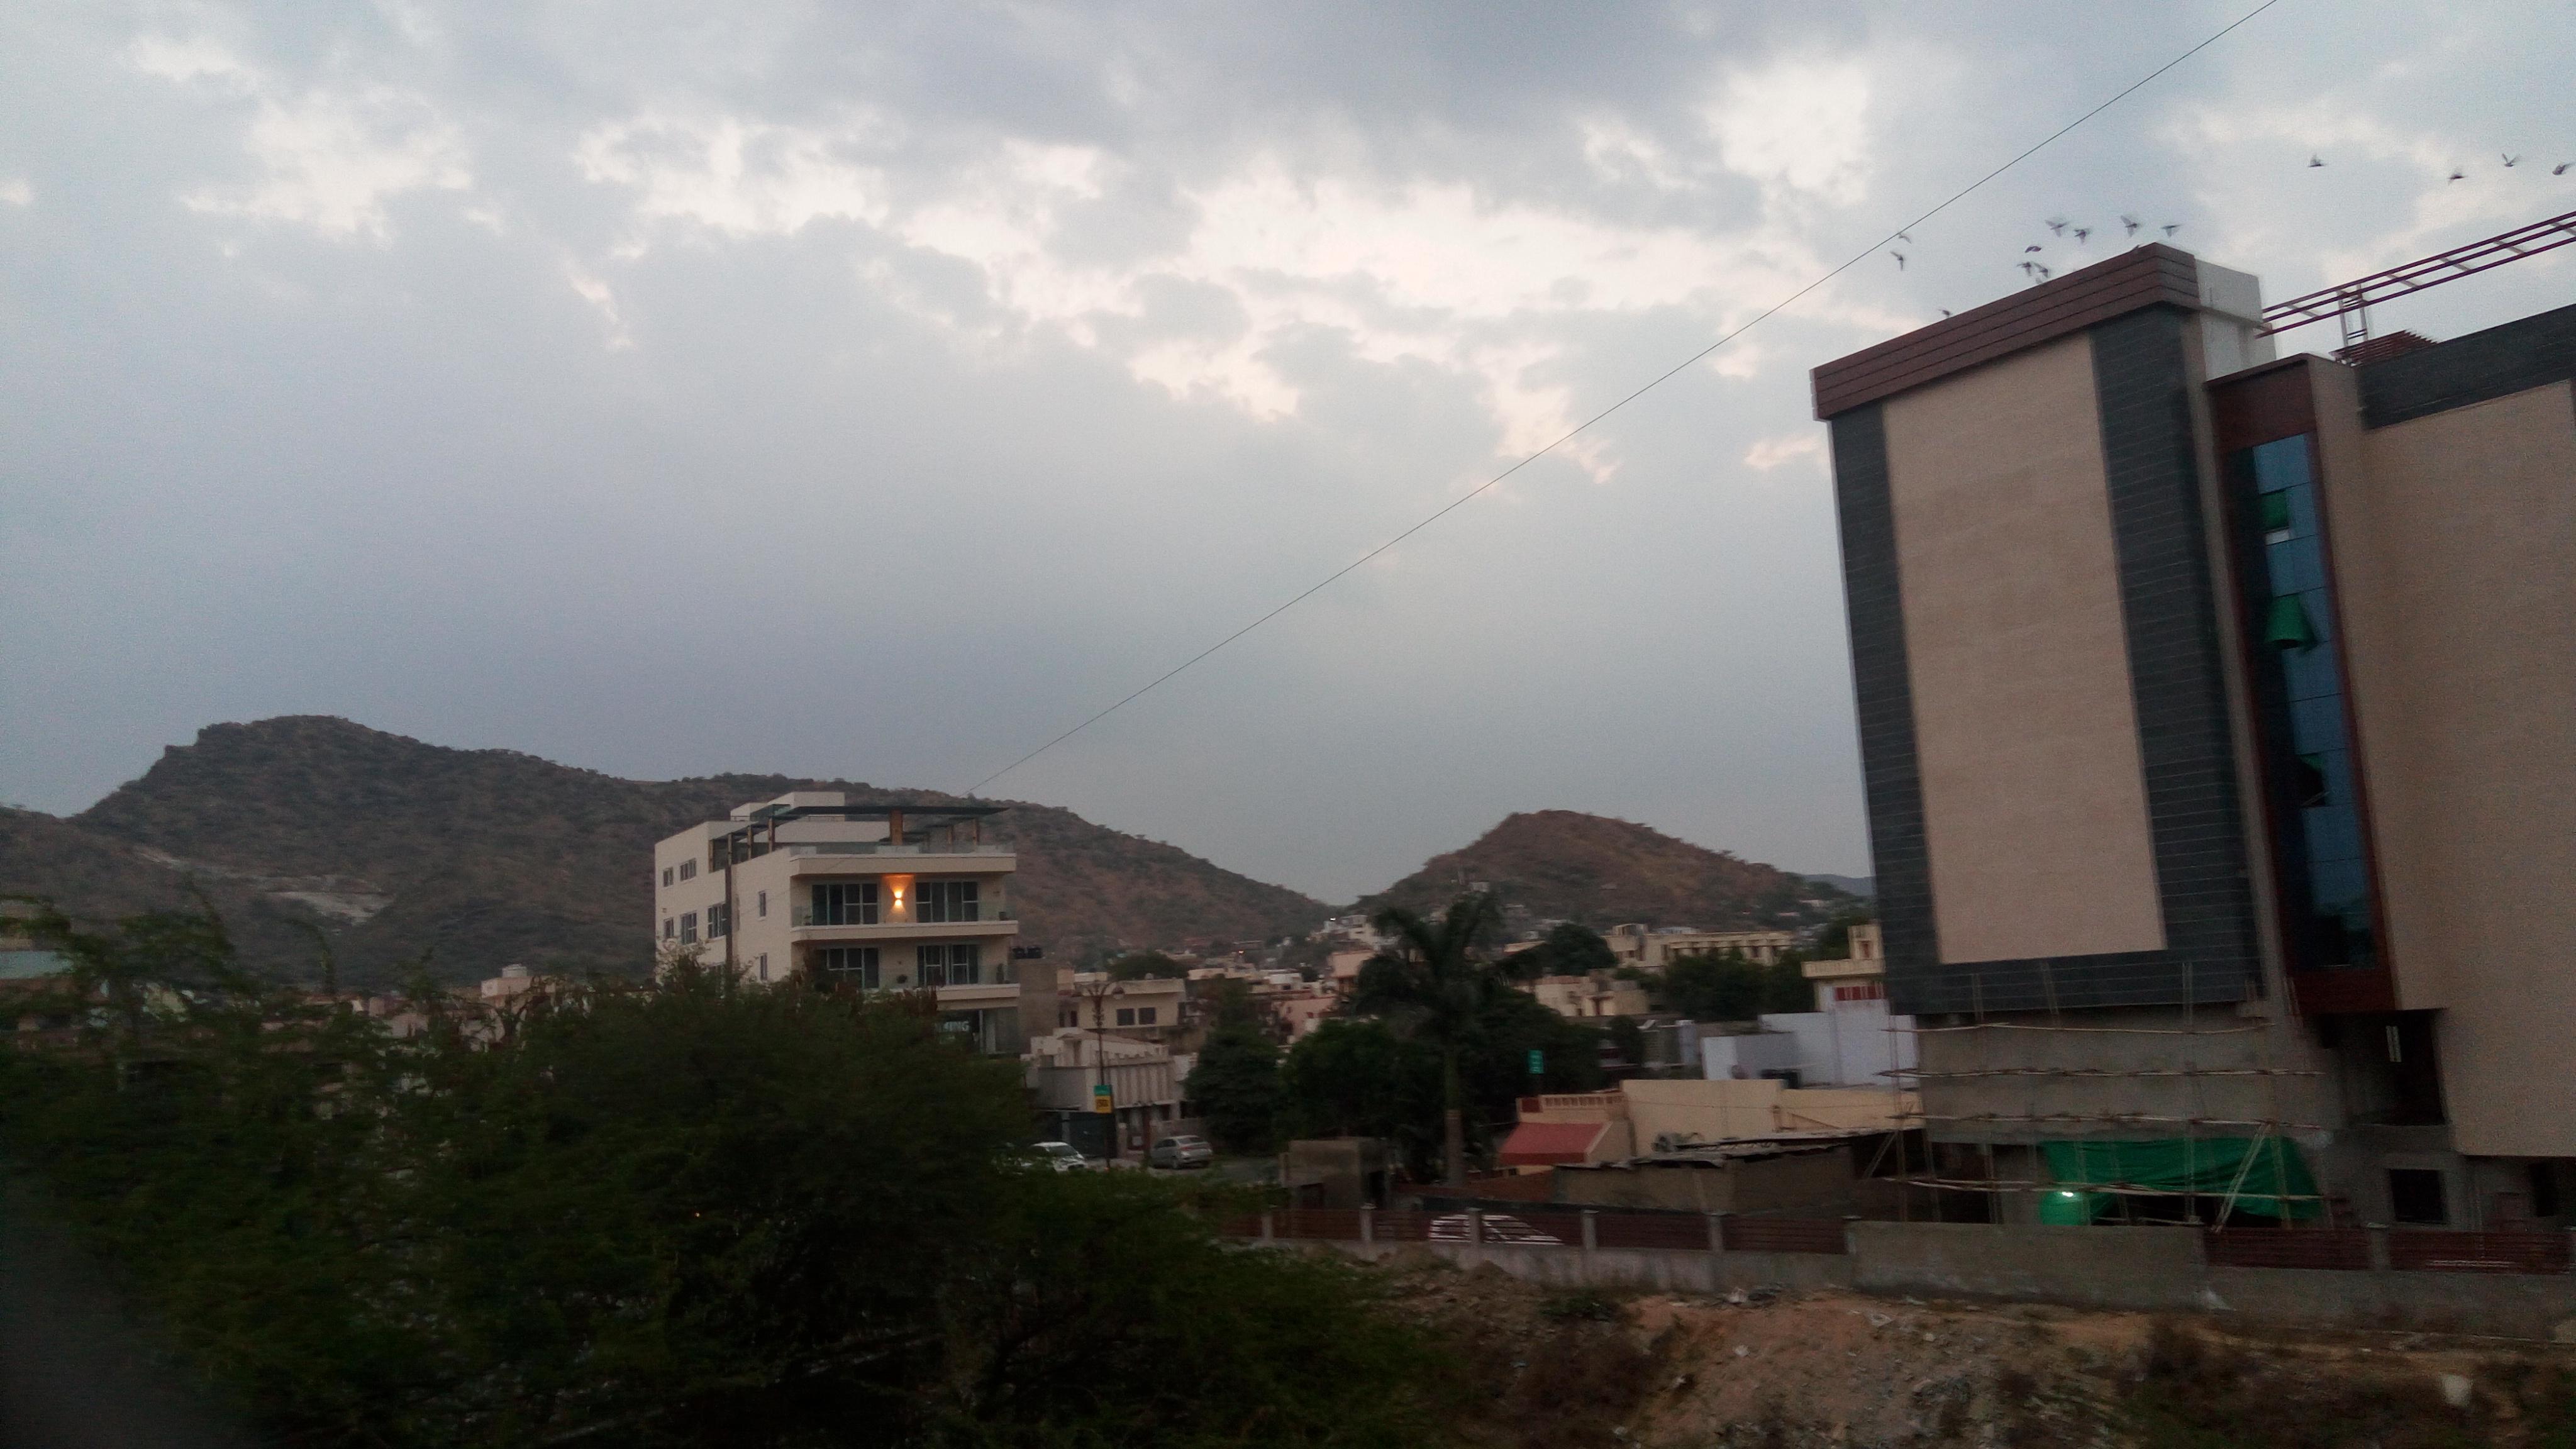 weather: धूप-छांव का दौर, उमस और गर्मी बरकरार